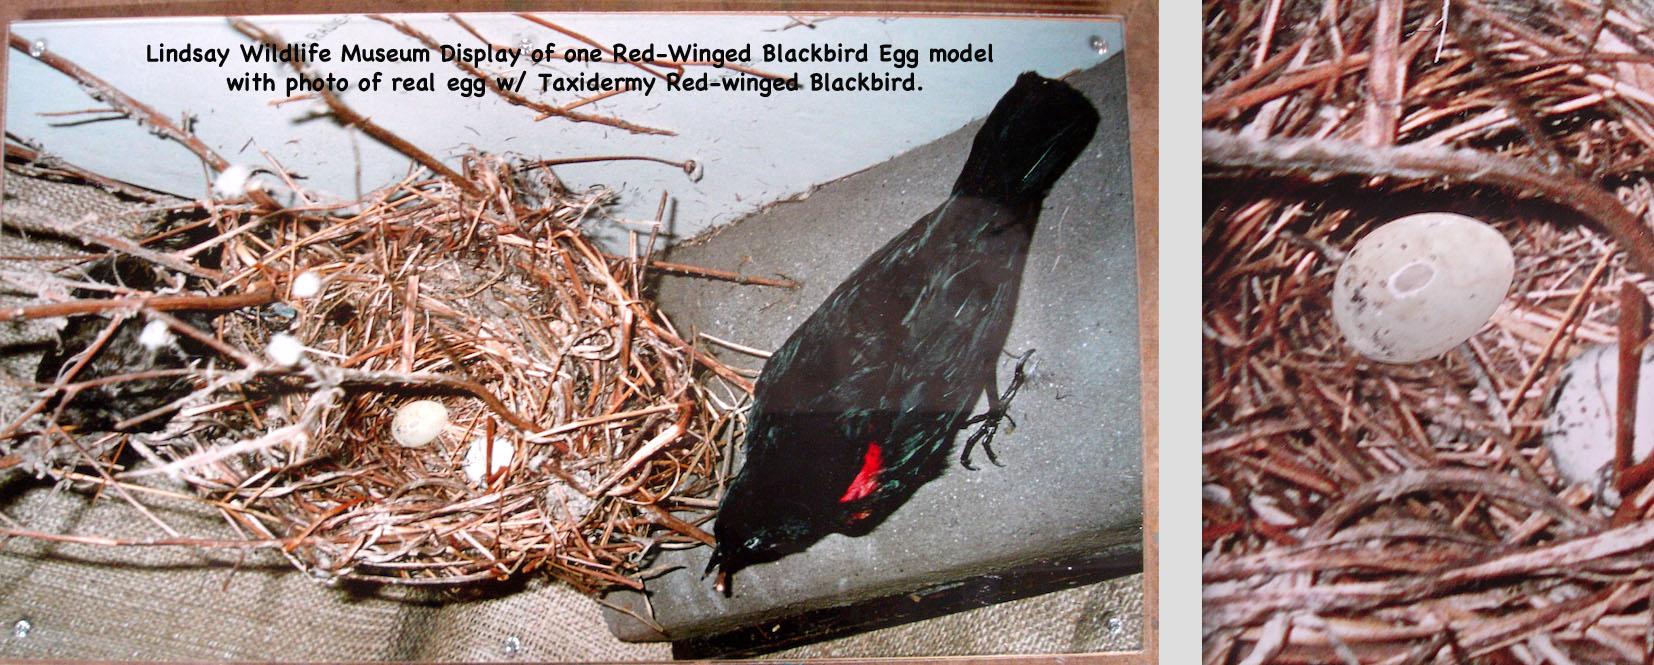 BirdEggs26_text.jpg